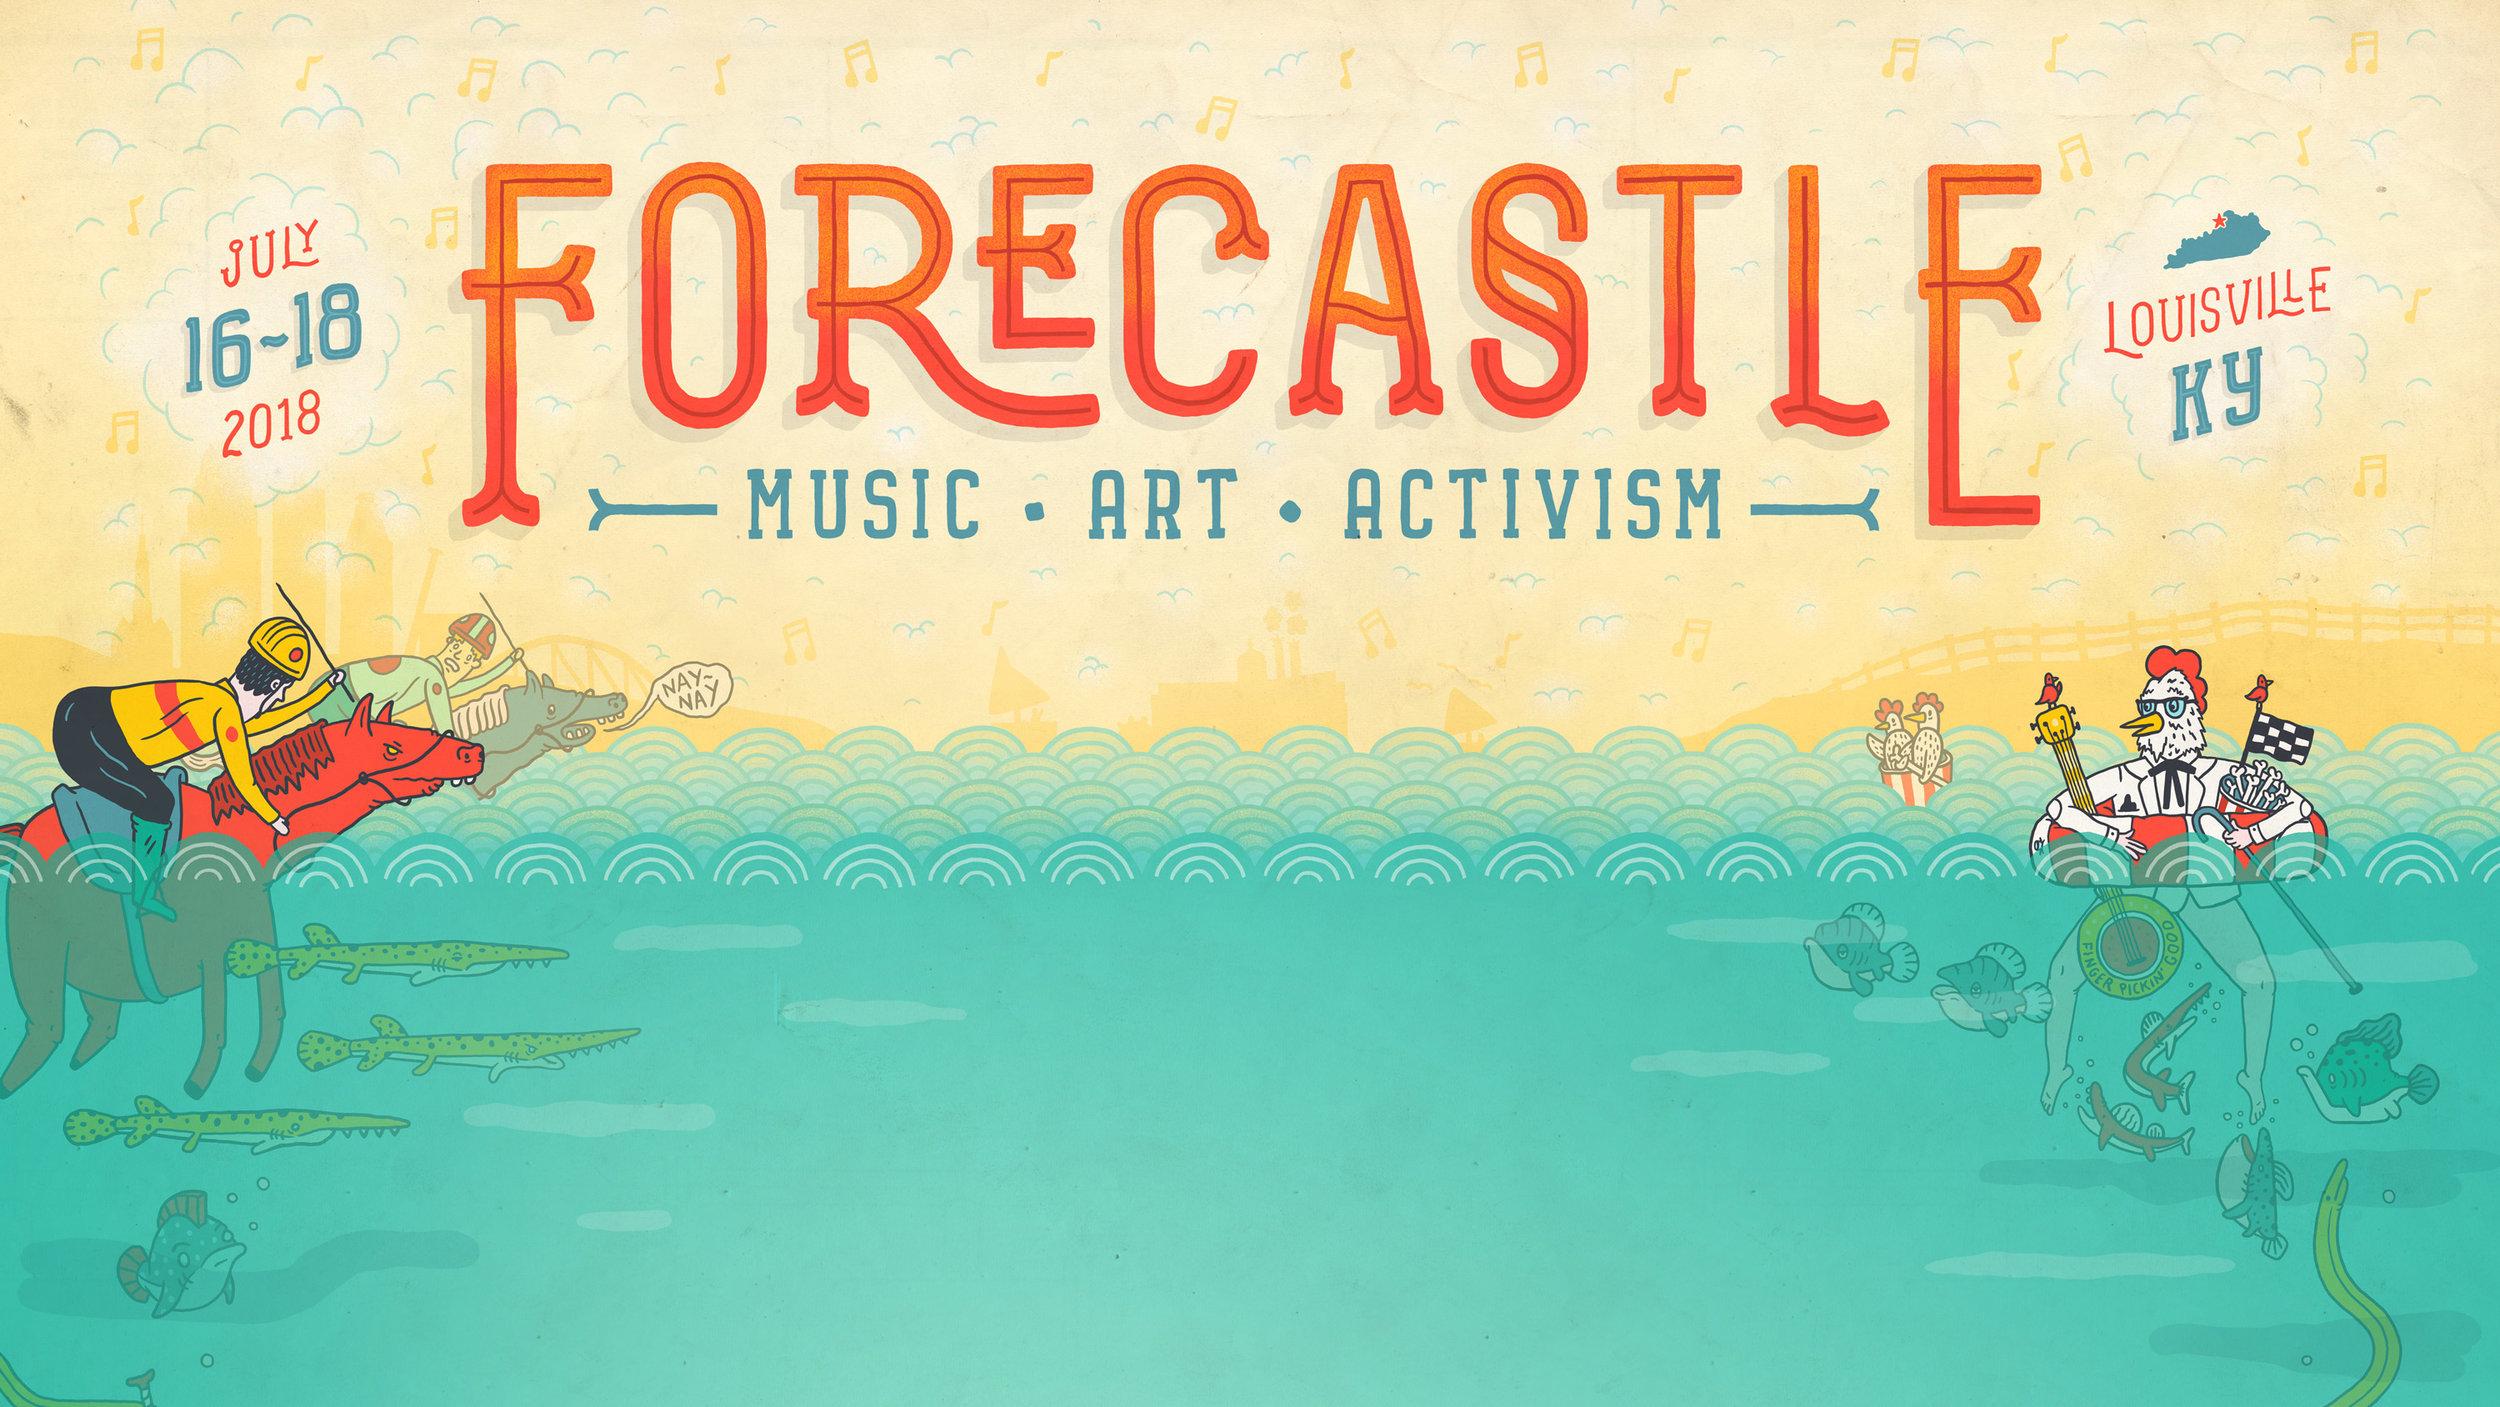 Forecastle Music Festival Poster & Illustrations